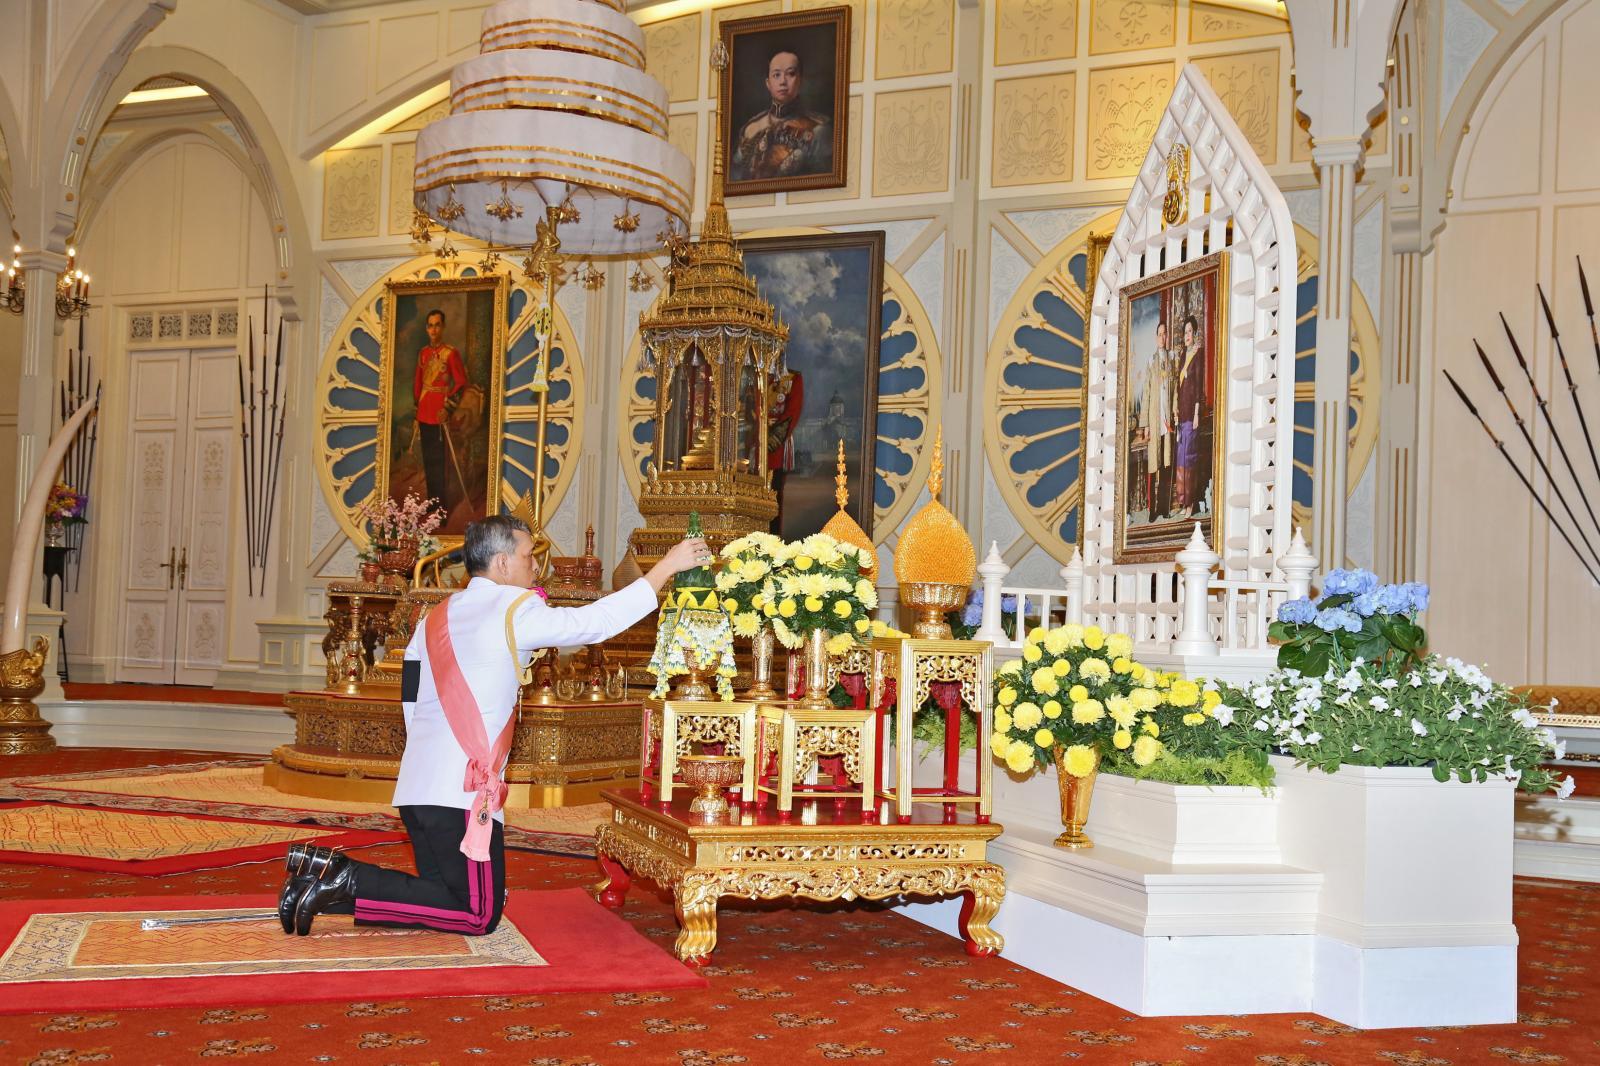 ทรงรับขึ้นทรงราชย์ เป็นสมเด็จพระเจ้าอยู่หัวรัชกาลที่ 10